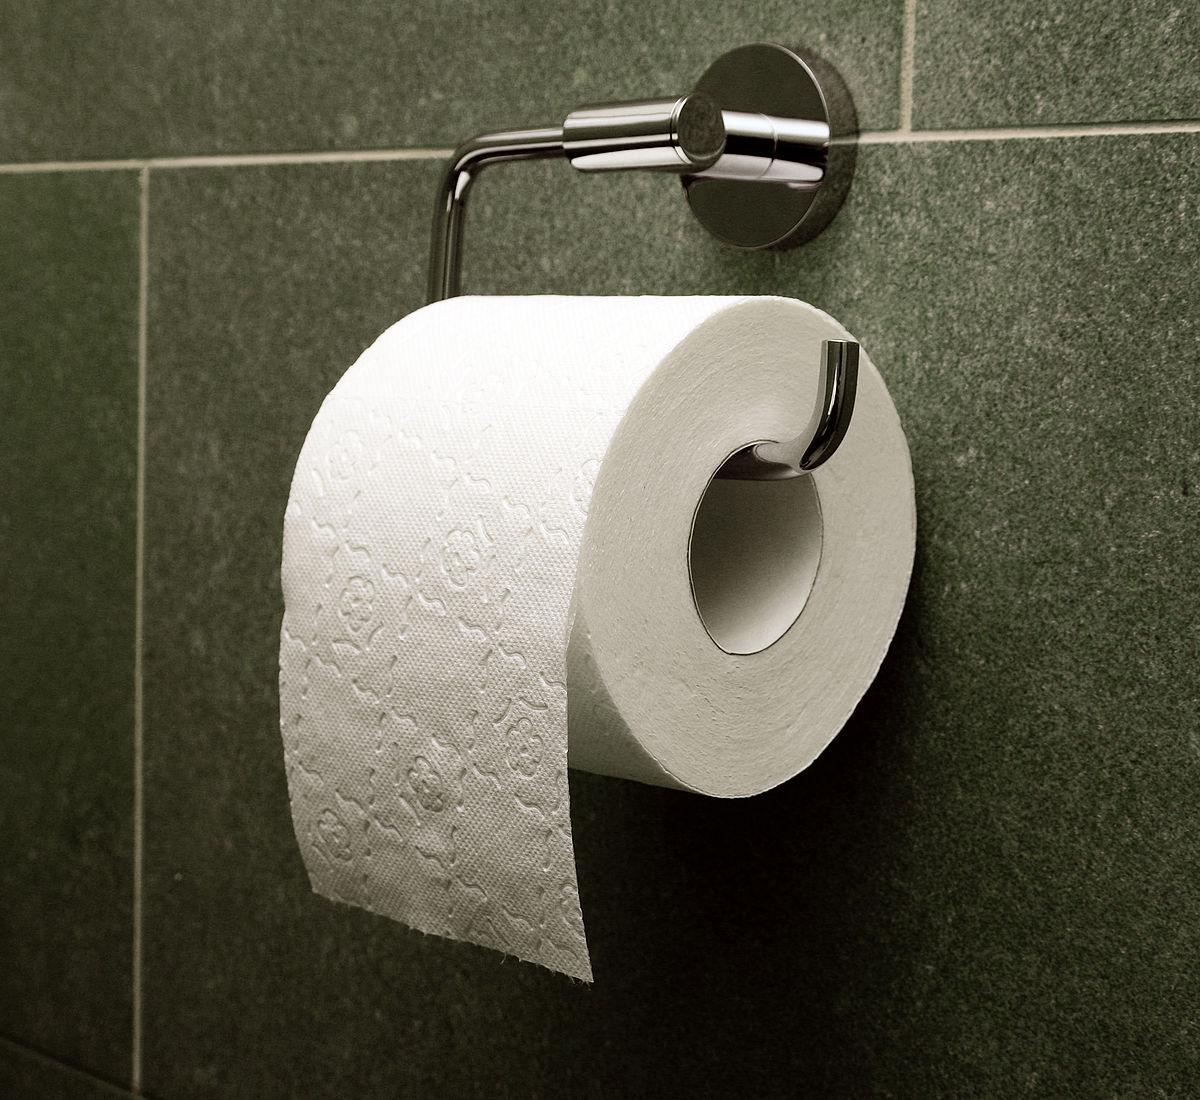 Департамент Нацбюро по Костанайской области не знает, сколько туалетной бумаги достанется им…